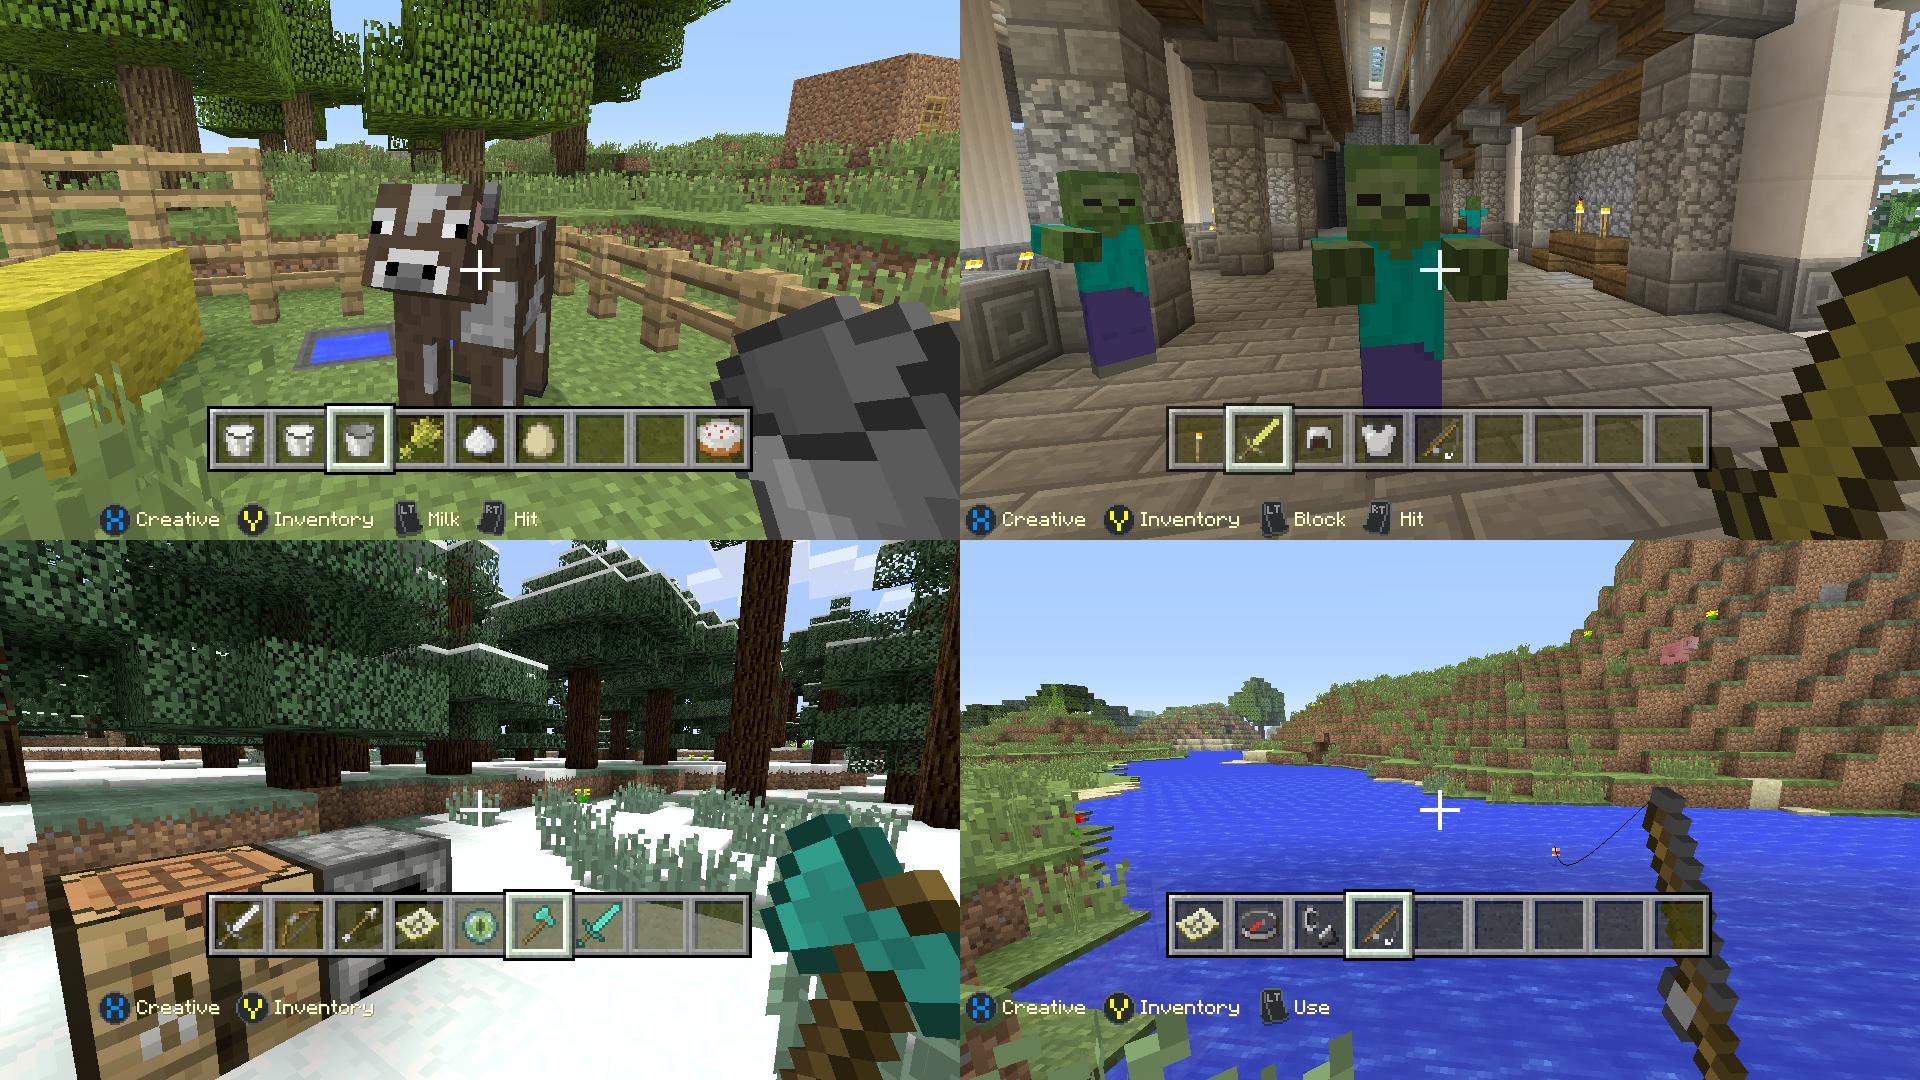 Analisis De Minecraft Para Ps4 Y Xbox One Hobbyconsolas Juegos